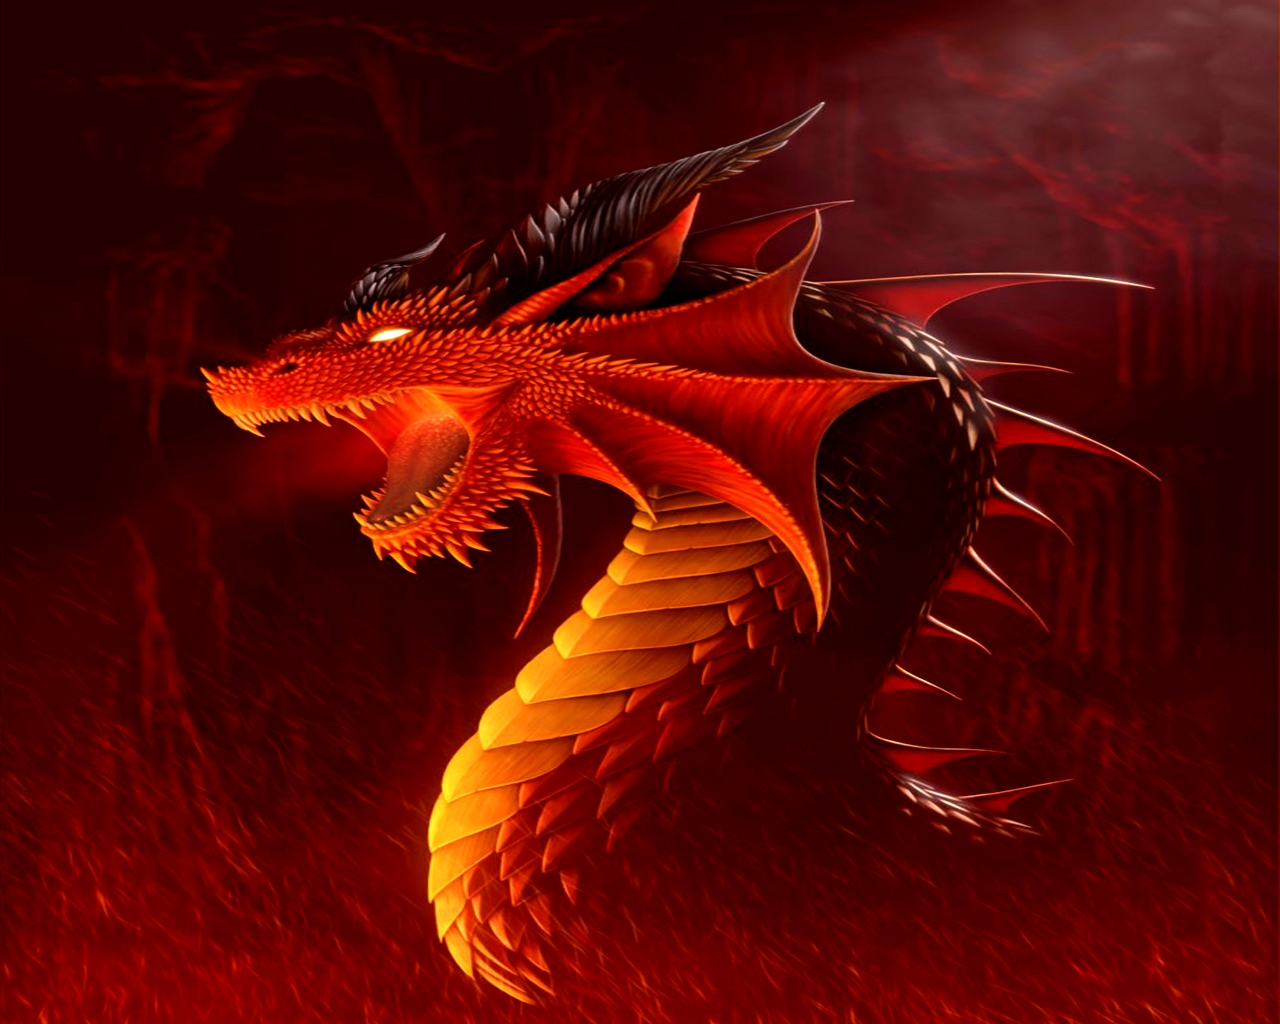 красный огненный дракон, фото, обои для рабочего стола, скачать бесплатно